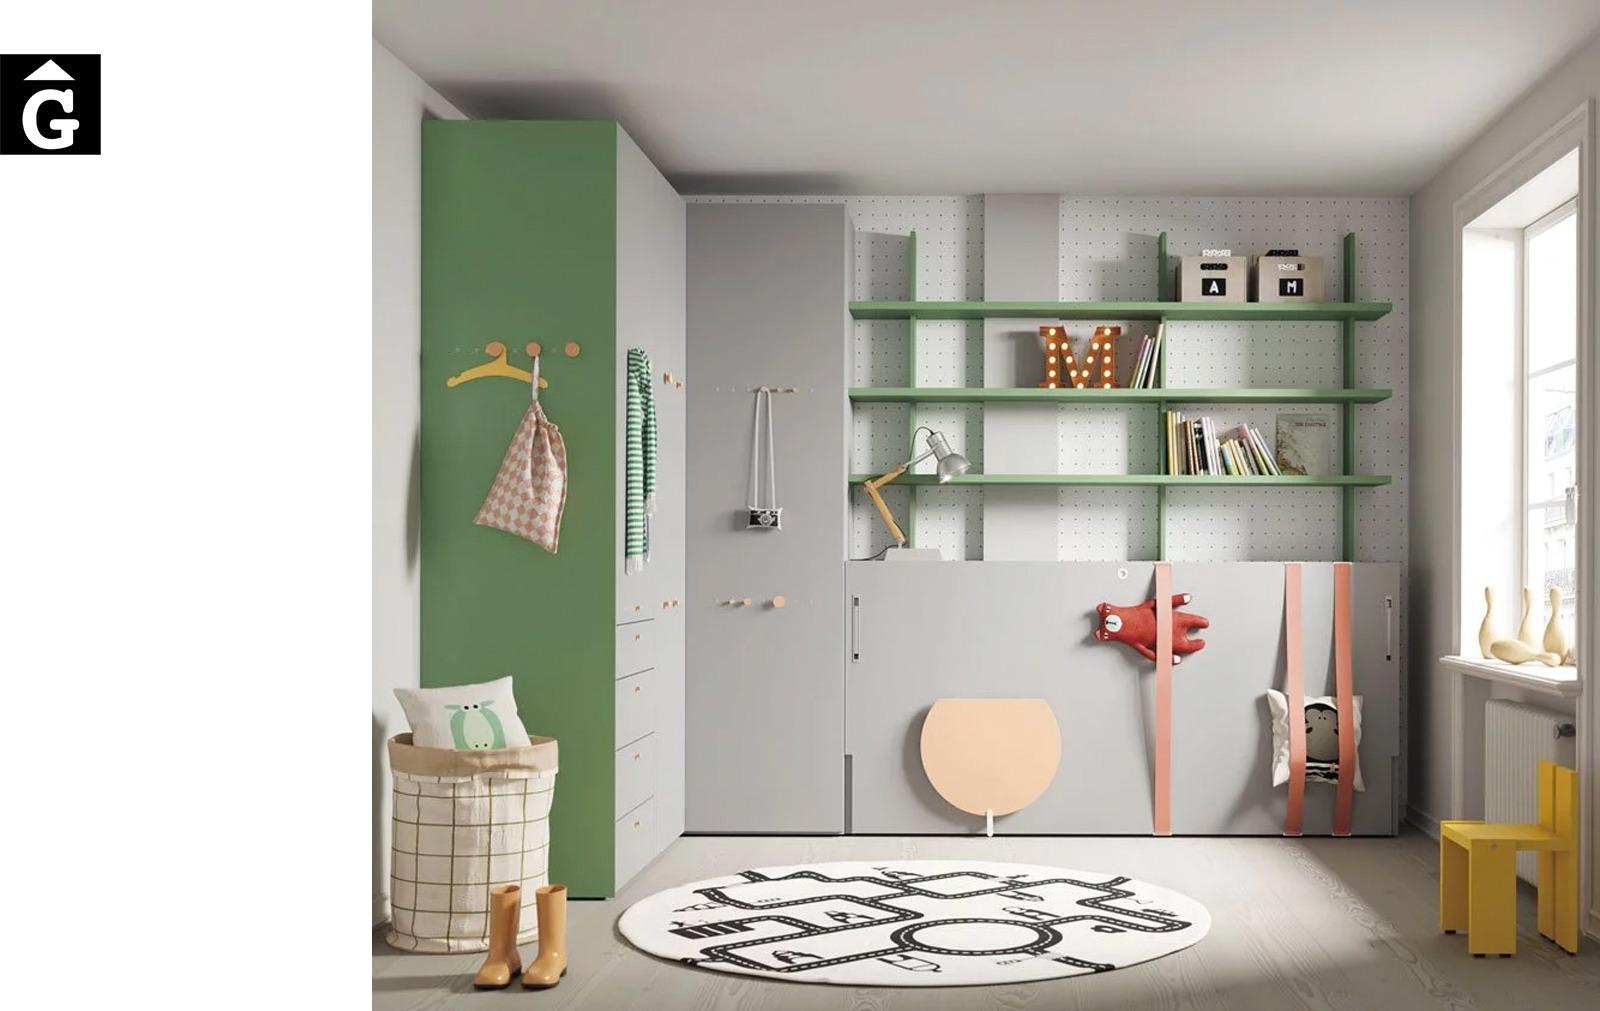 Habitació llit abatible individual Forest | Up & Down | llits abatibles | Pràctics, saludables i segurs | Jotajotape | mobles Gifreu